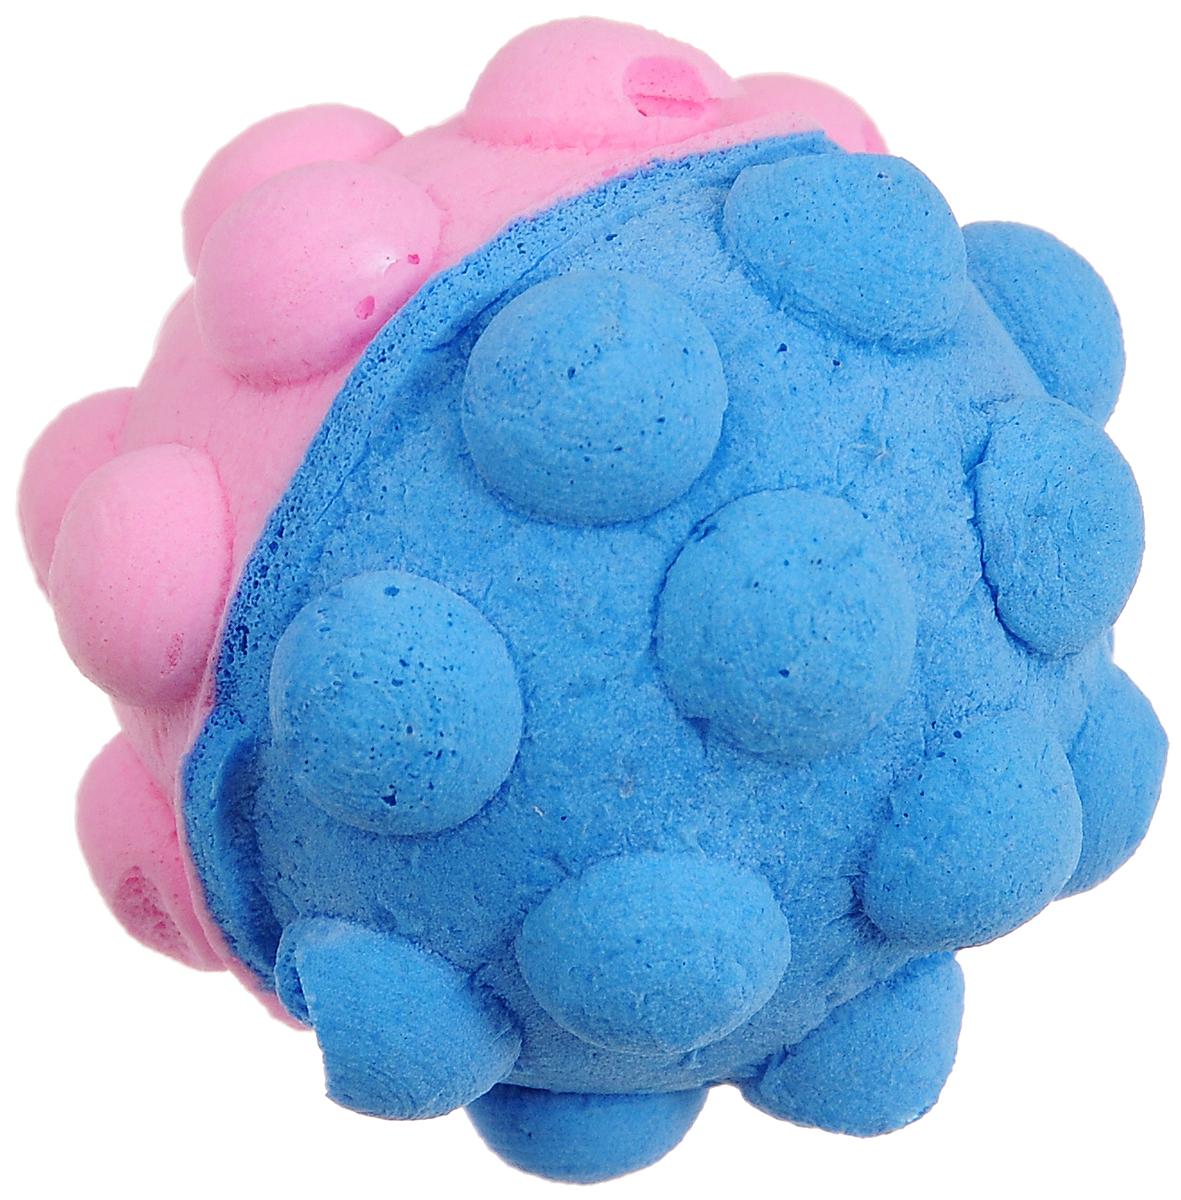 Игрушка для животных Каскад Мячик зефирный. Мина, цвет: голубой, розовый, диаметр 4,5 см598STEXМягкая игрушка для животных Каскад Мячик зефирный. Мина изготовлена из вспененного полимера.Такая игрушка порадует вашего любимца, а вам доставит массу приятных эмоций, ведь наблюдать за игрой всегда интересно и приятно.Диаметр игрушки: 4,5 см.